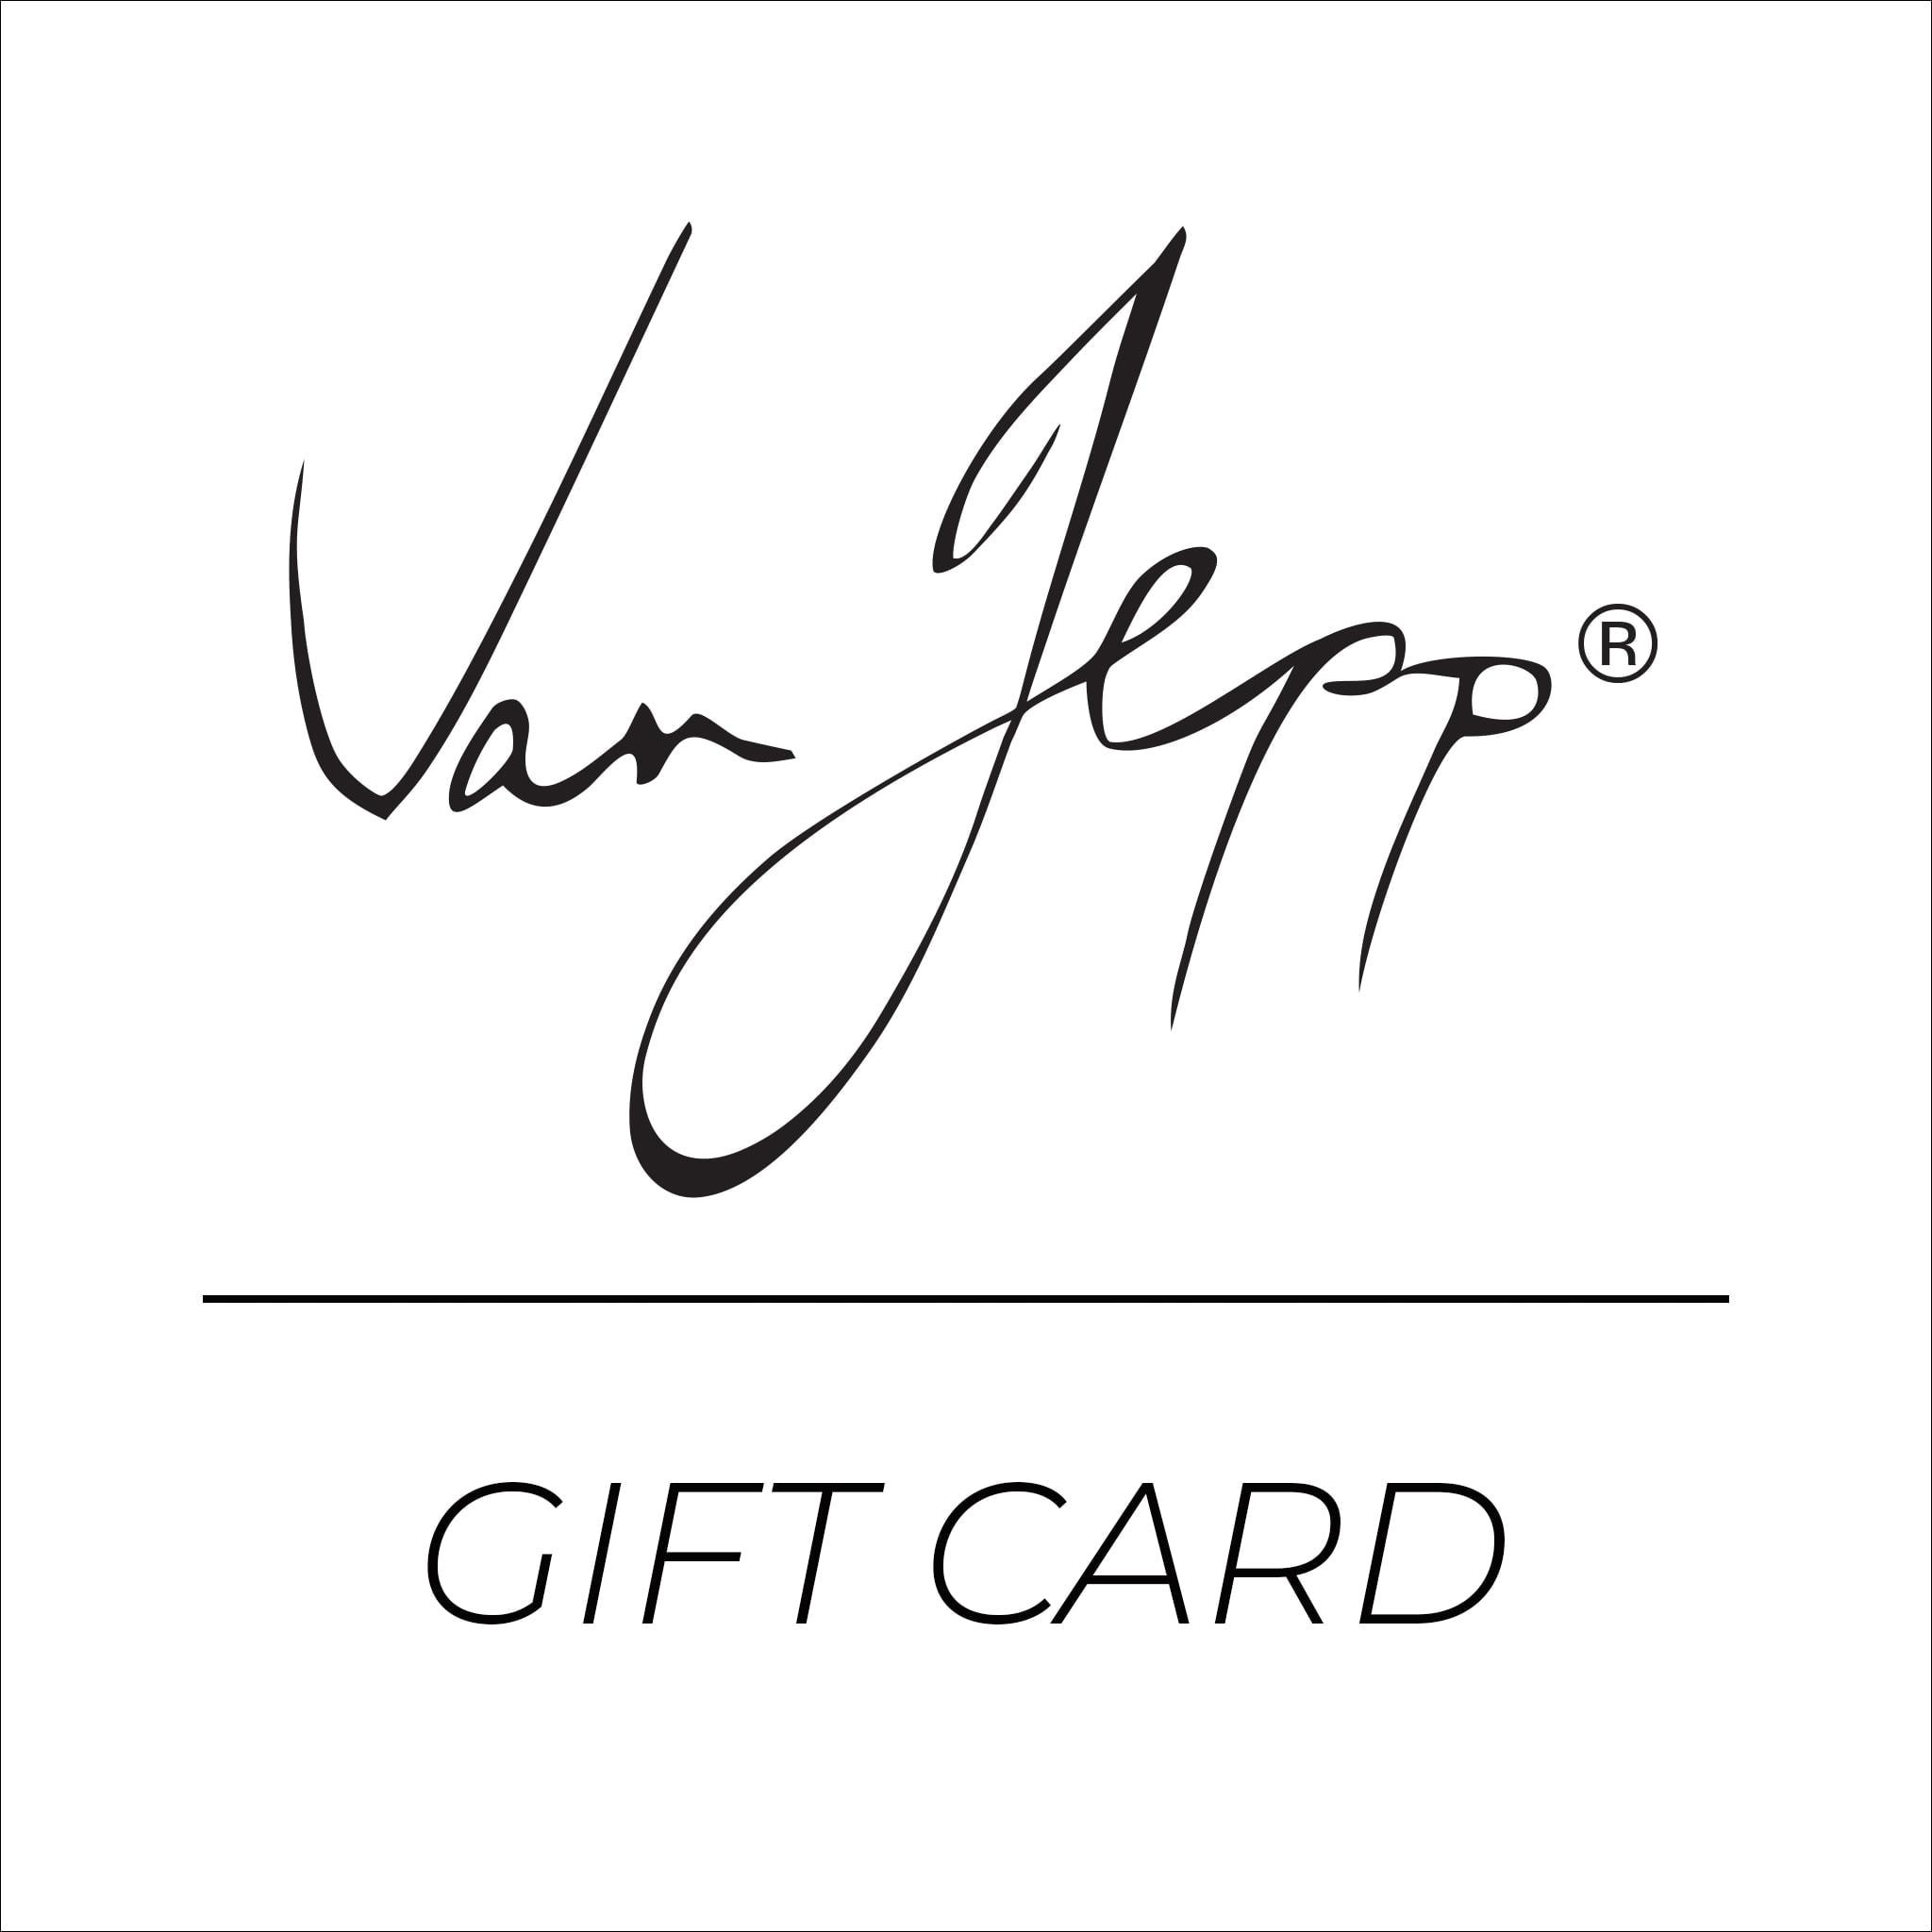 virtual gift card vanjepp